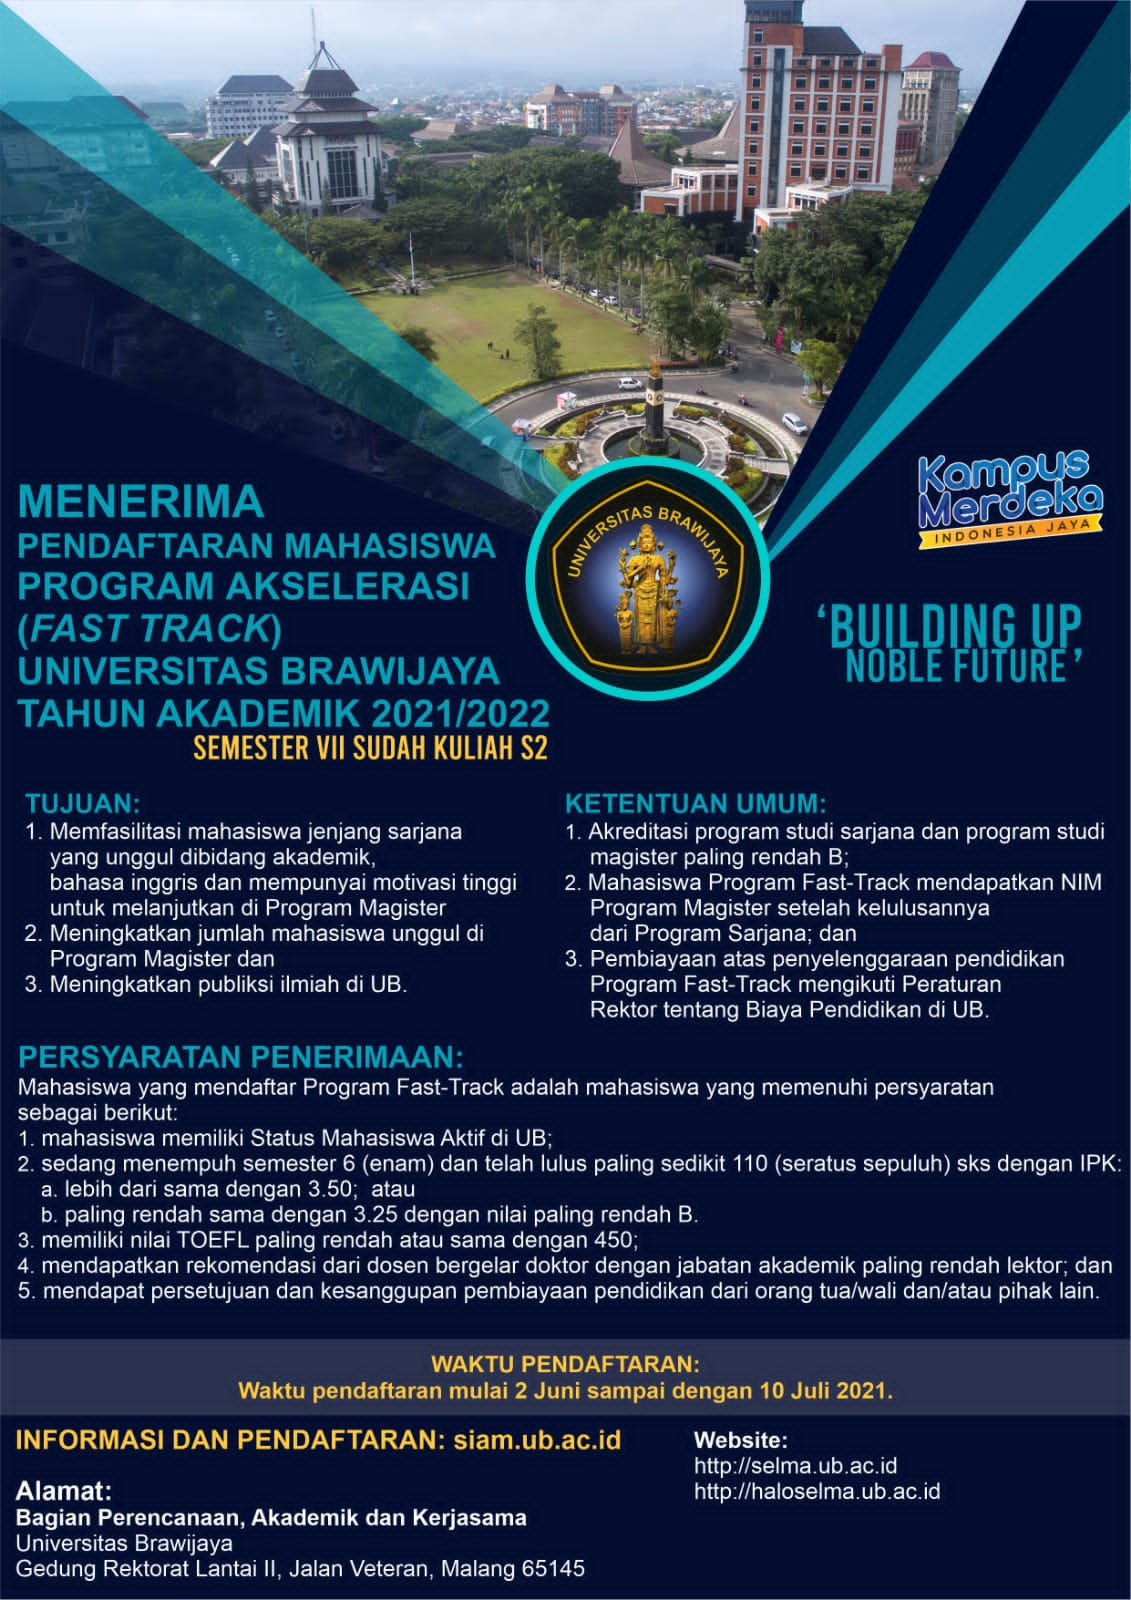 (Indonesia) PENDAFTARAN MAHASISWA PROGRAM AKSELERASI UNIVERSITAS BRAWIJAYA TA 2021/2022